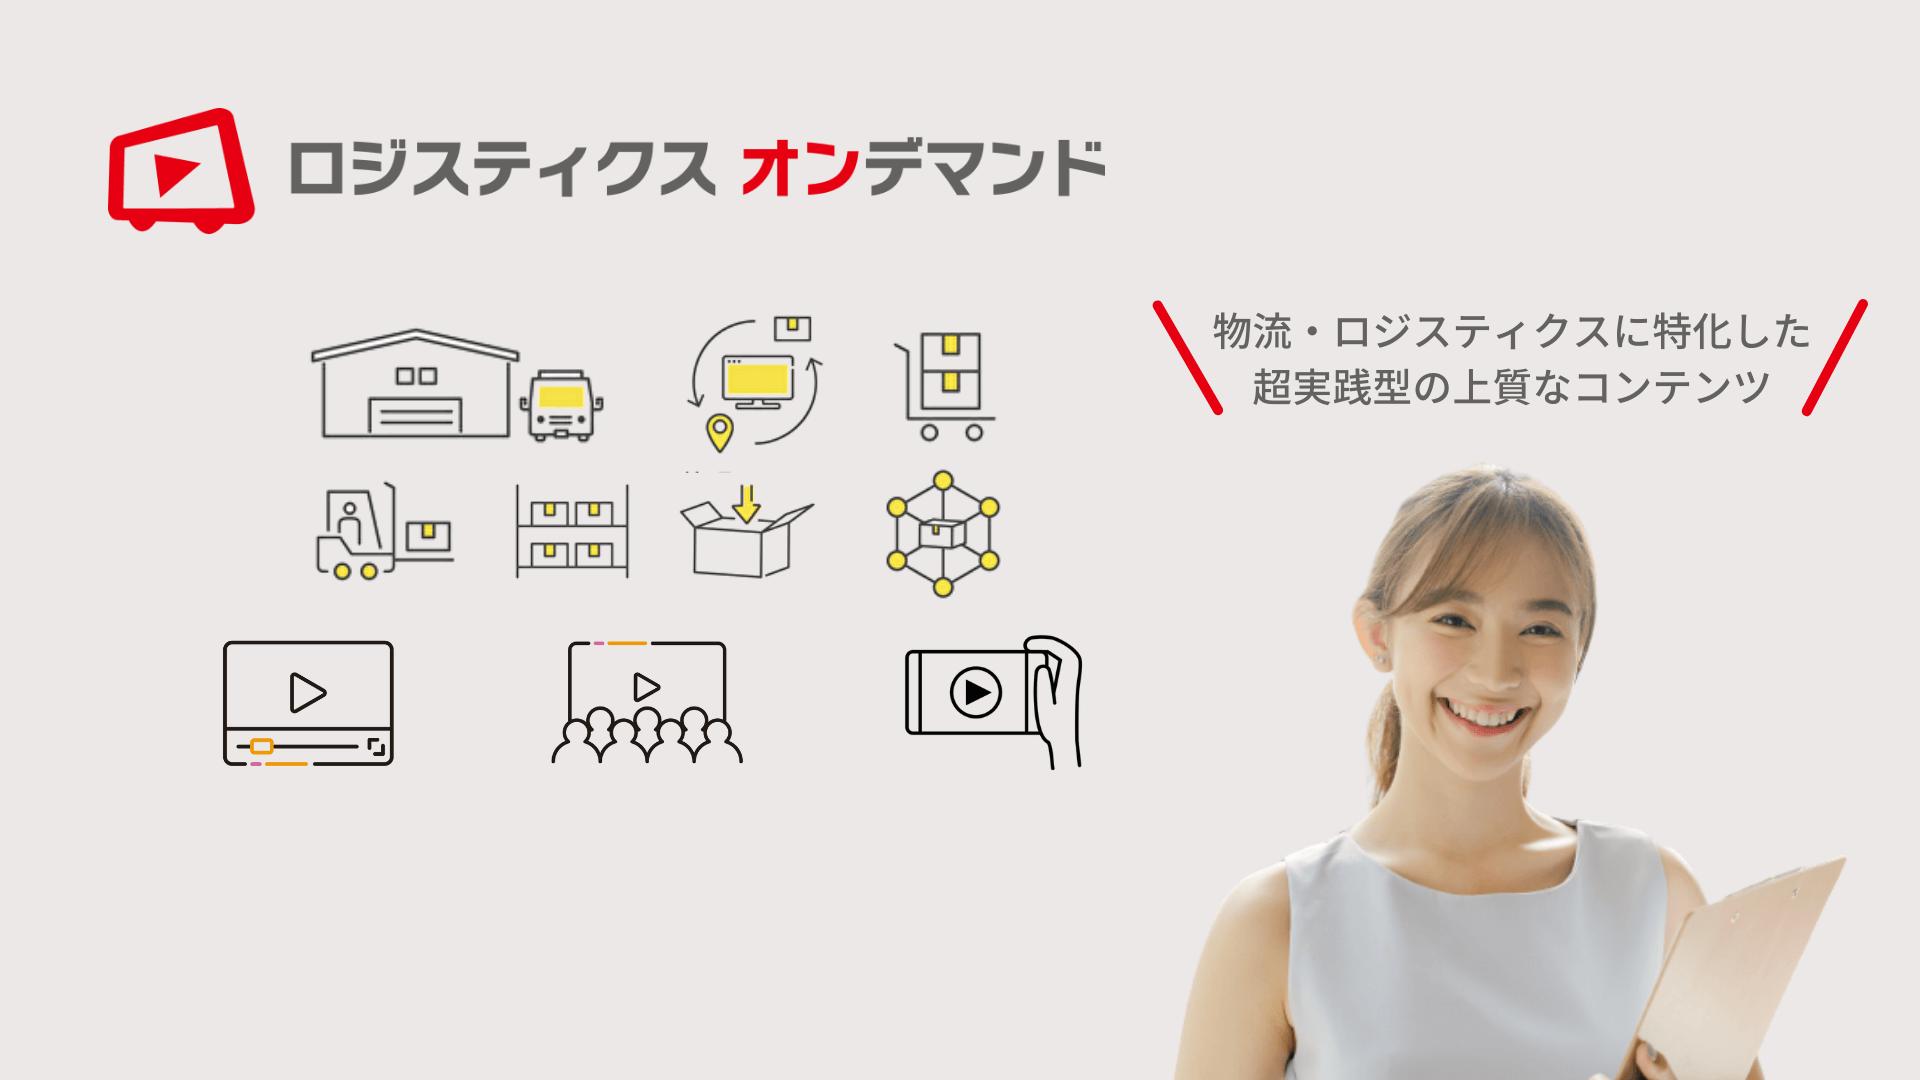 ロジスティクス・オンデマンド|物流のことをオンラインで学ぶなら|船井総研ロジ株式会社